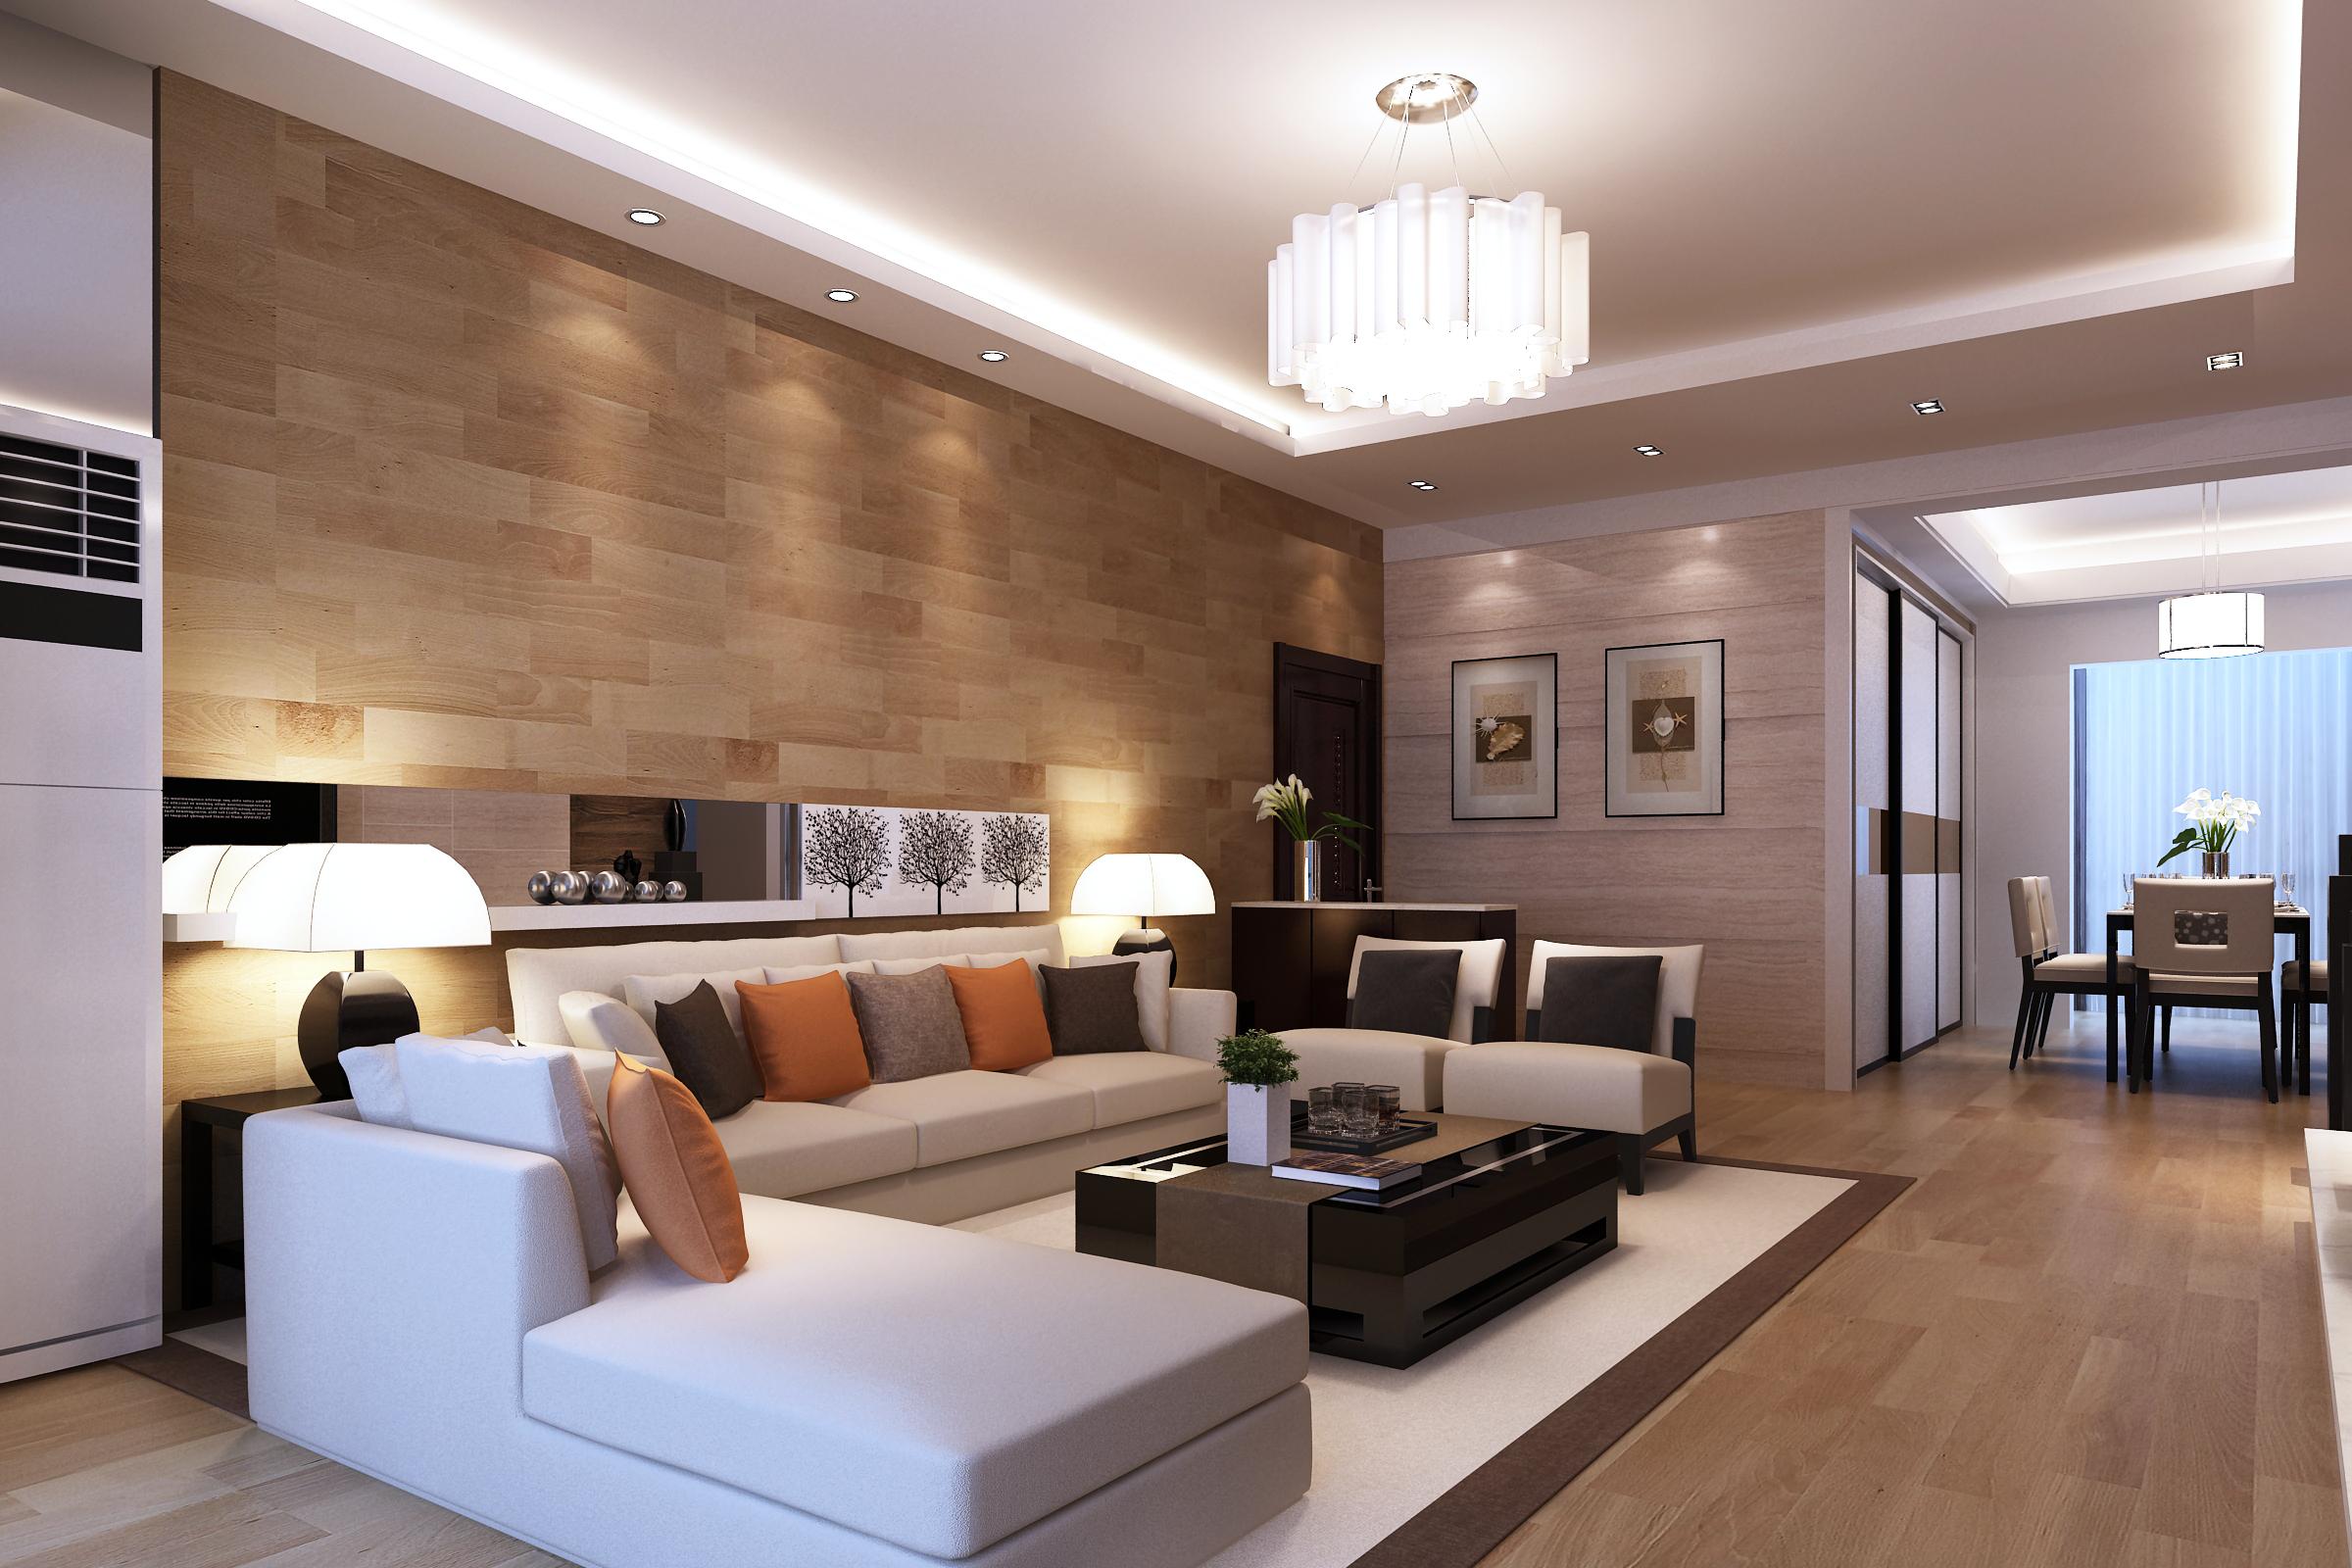 Koleksi Idea Dekorasi Ruang Tamu Rumah Teres Setingkat 7 Tips Berguna Sebagai Panduan Anda Memilih Perabot